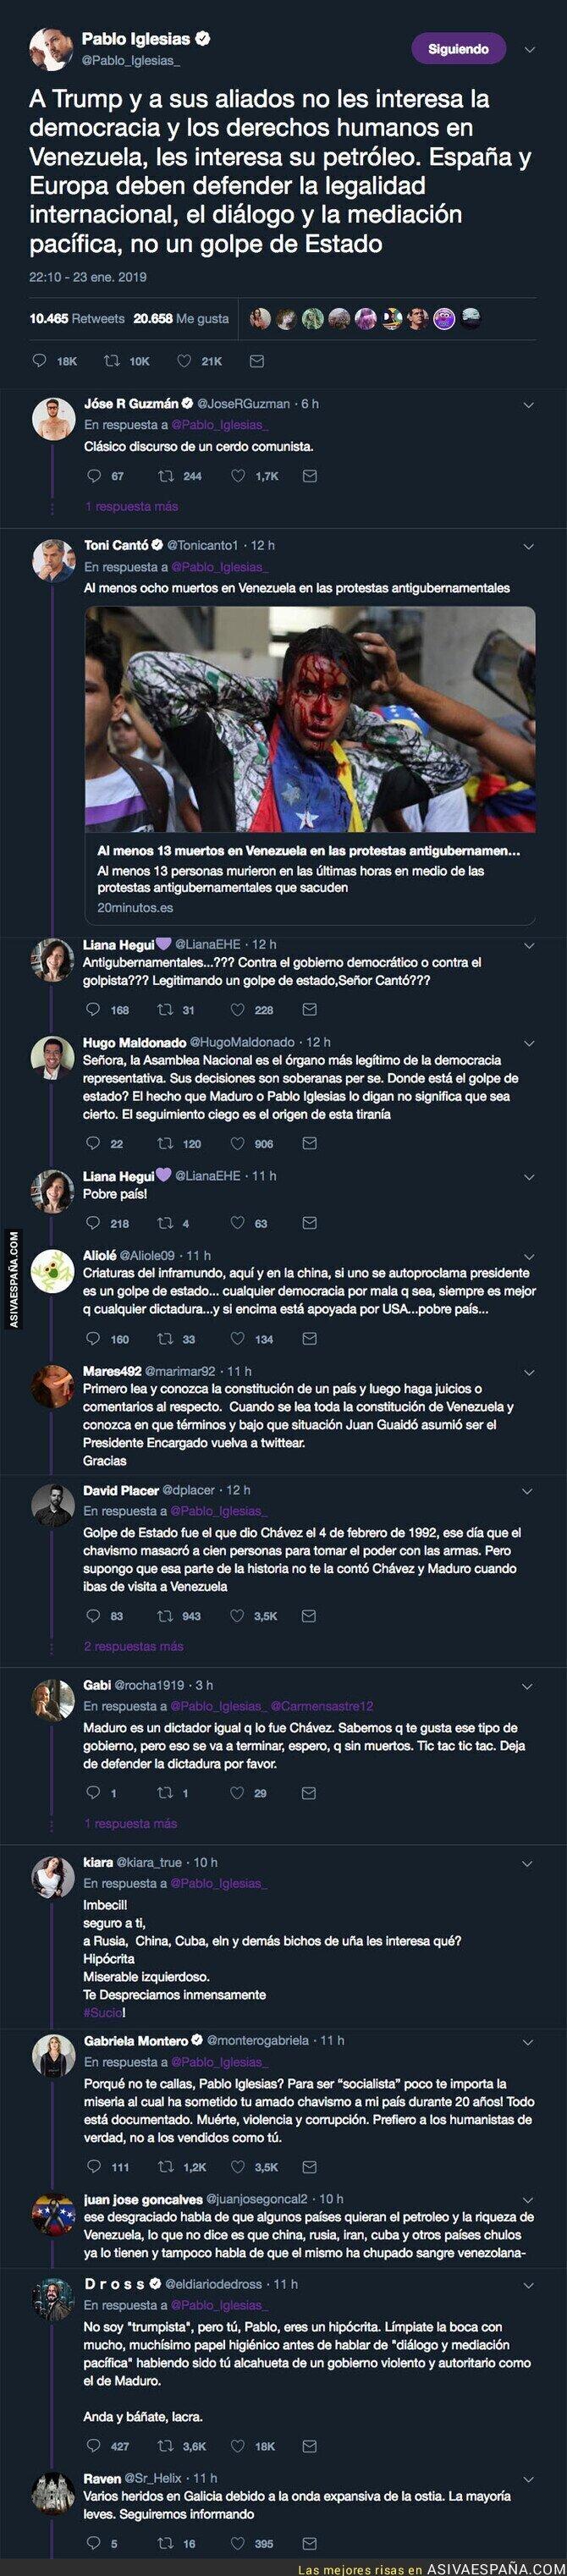 103250 - Pablo Iglesias denuncia un golpe de estado en Venezuela y todo Twitter se le echa encima